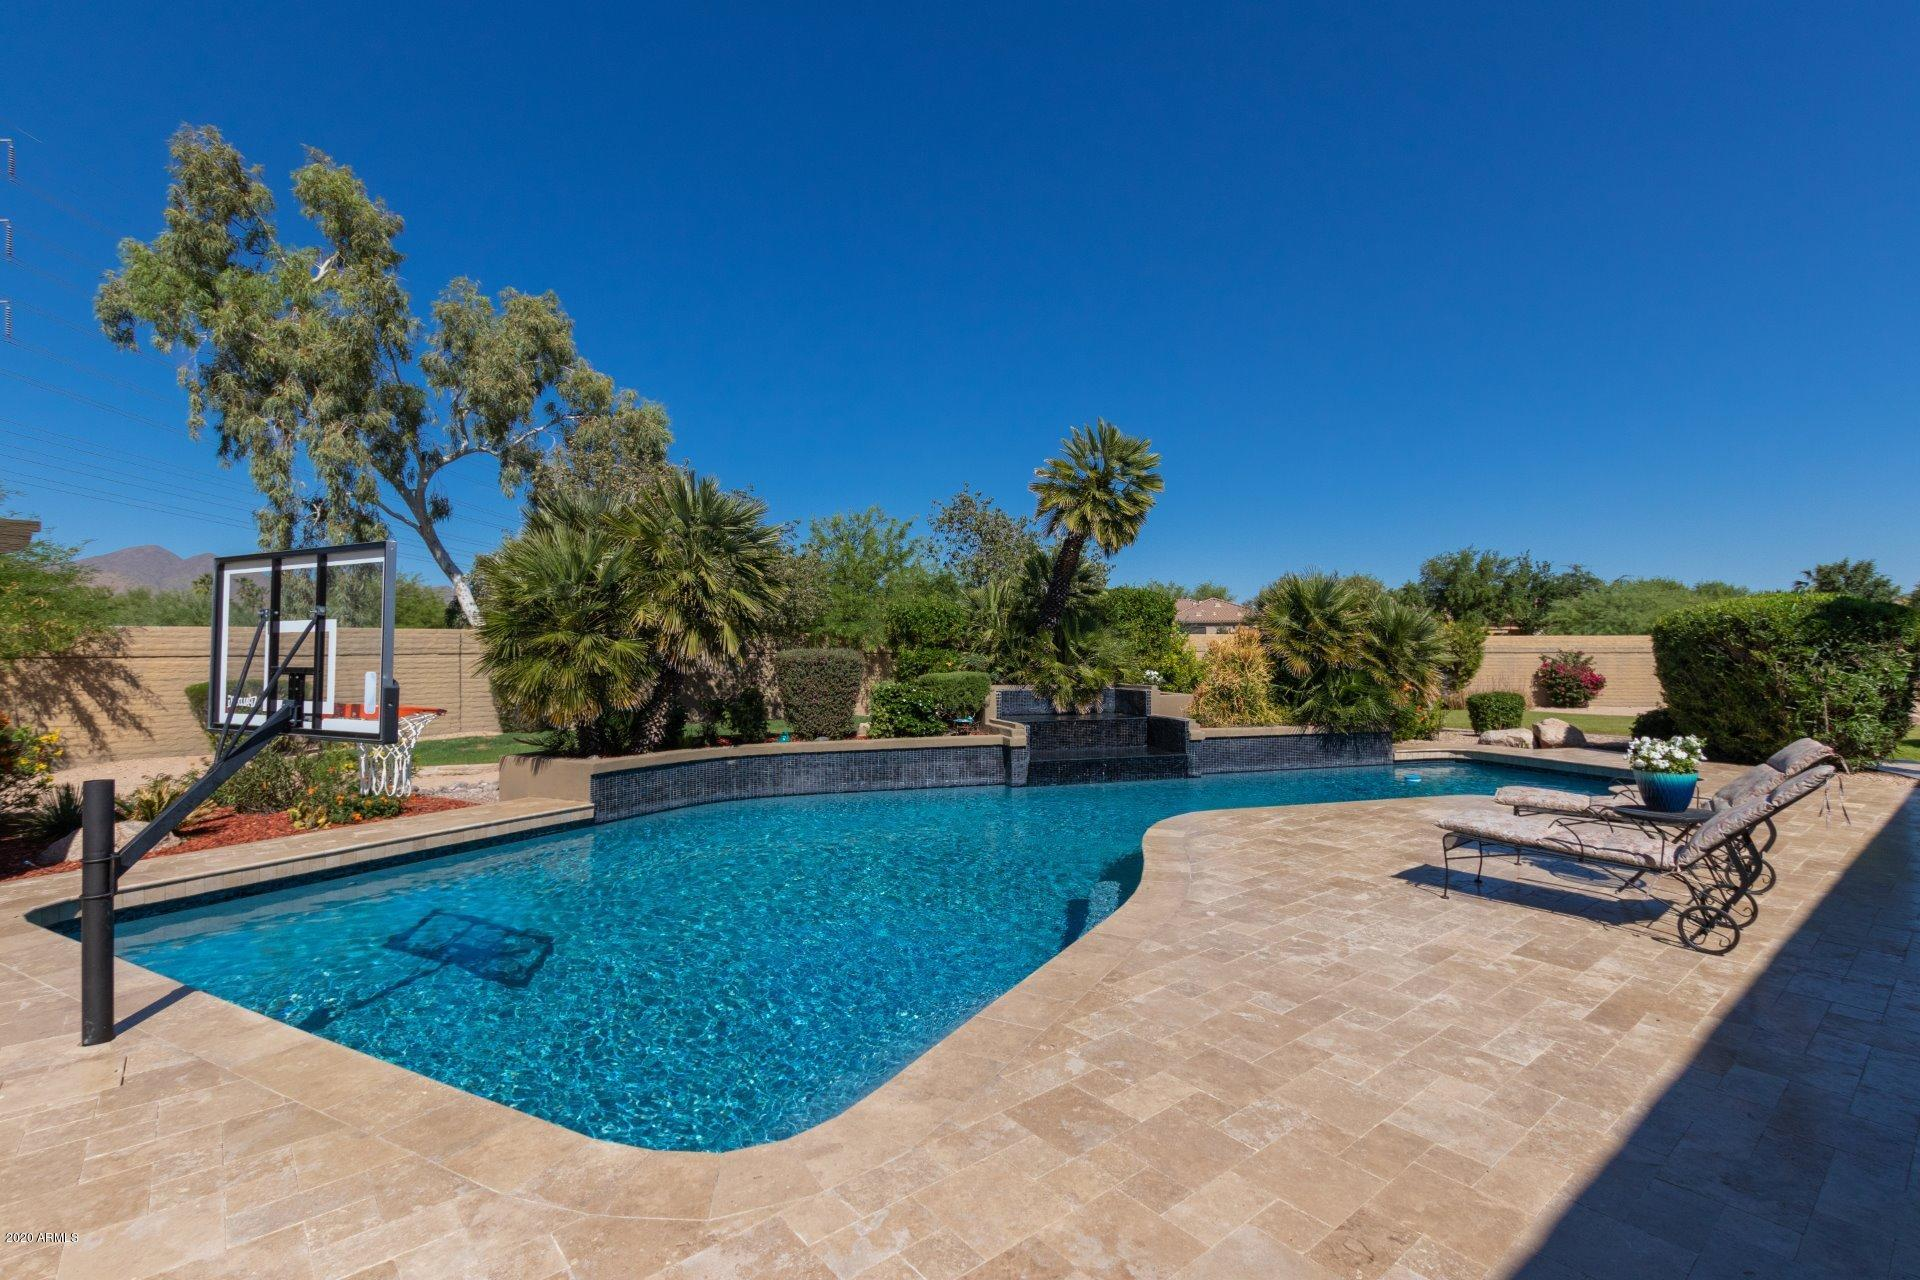 MLS 6072598 10580 N 106th Place, Scottsdale, AZ 85258 Scottsdale AZ Private Pool